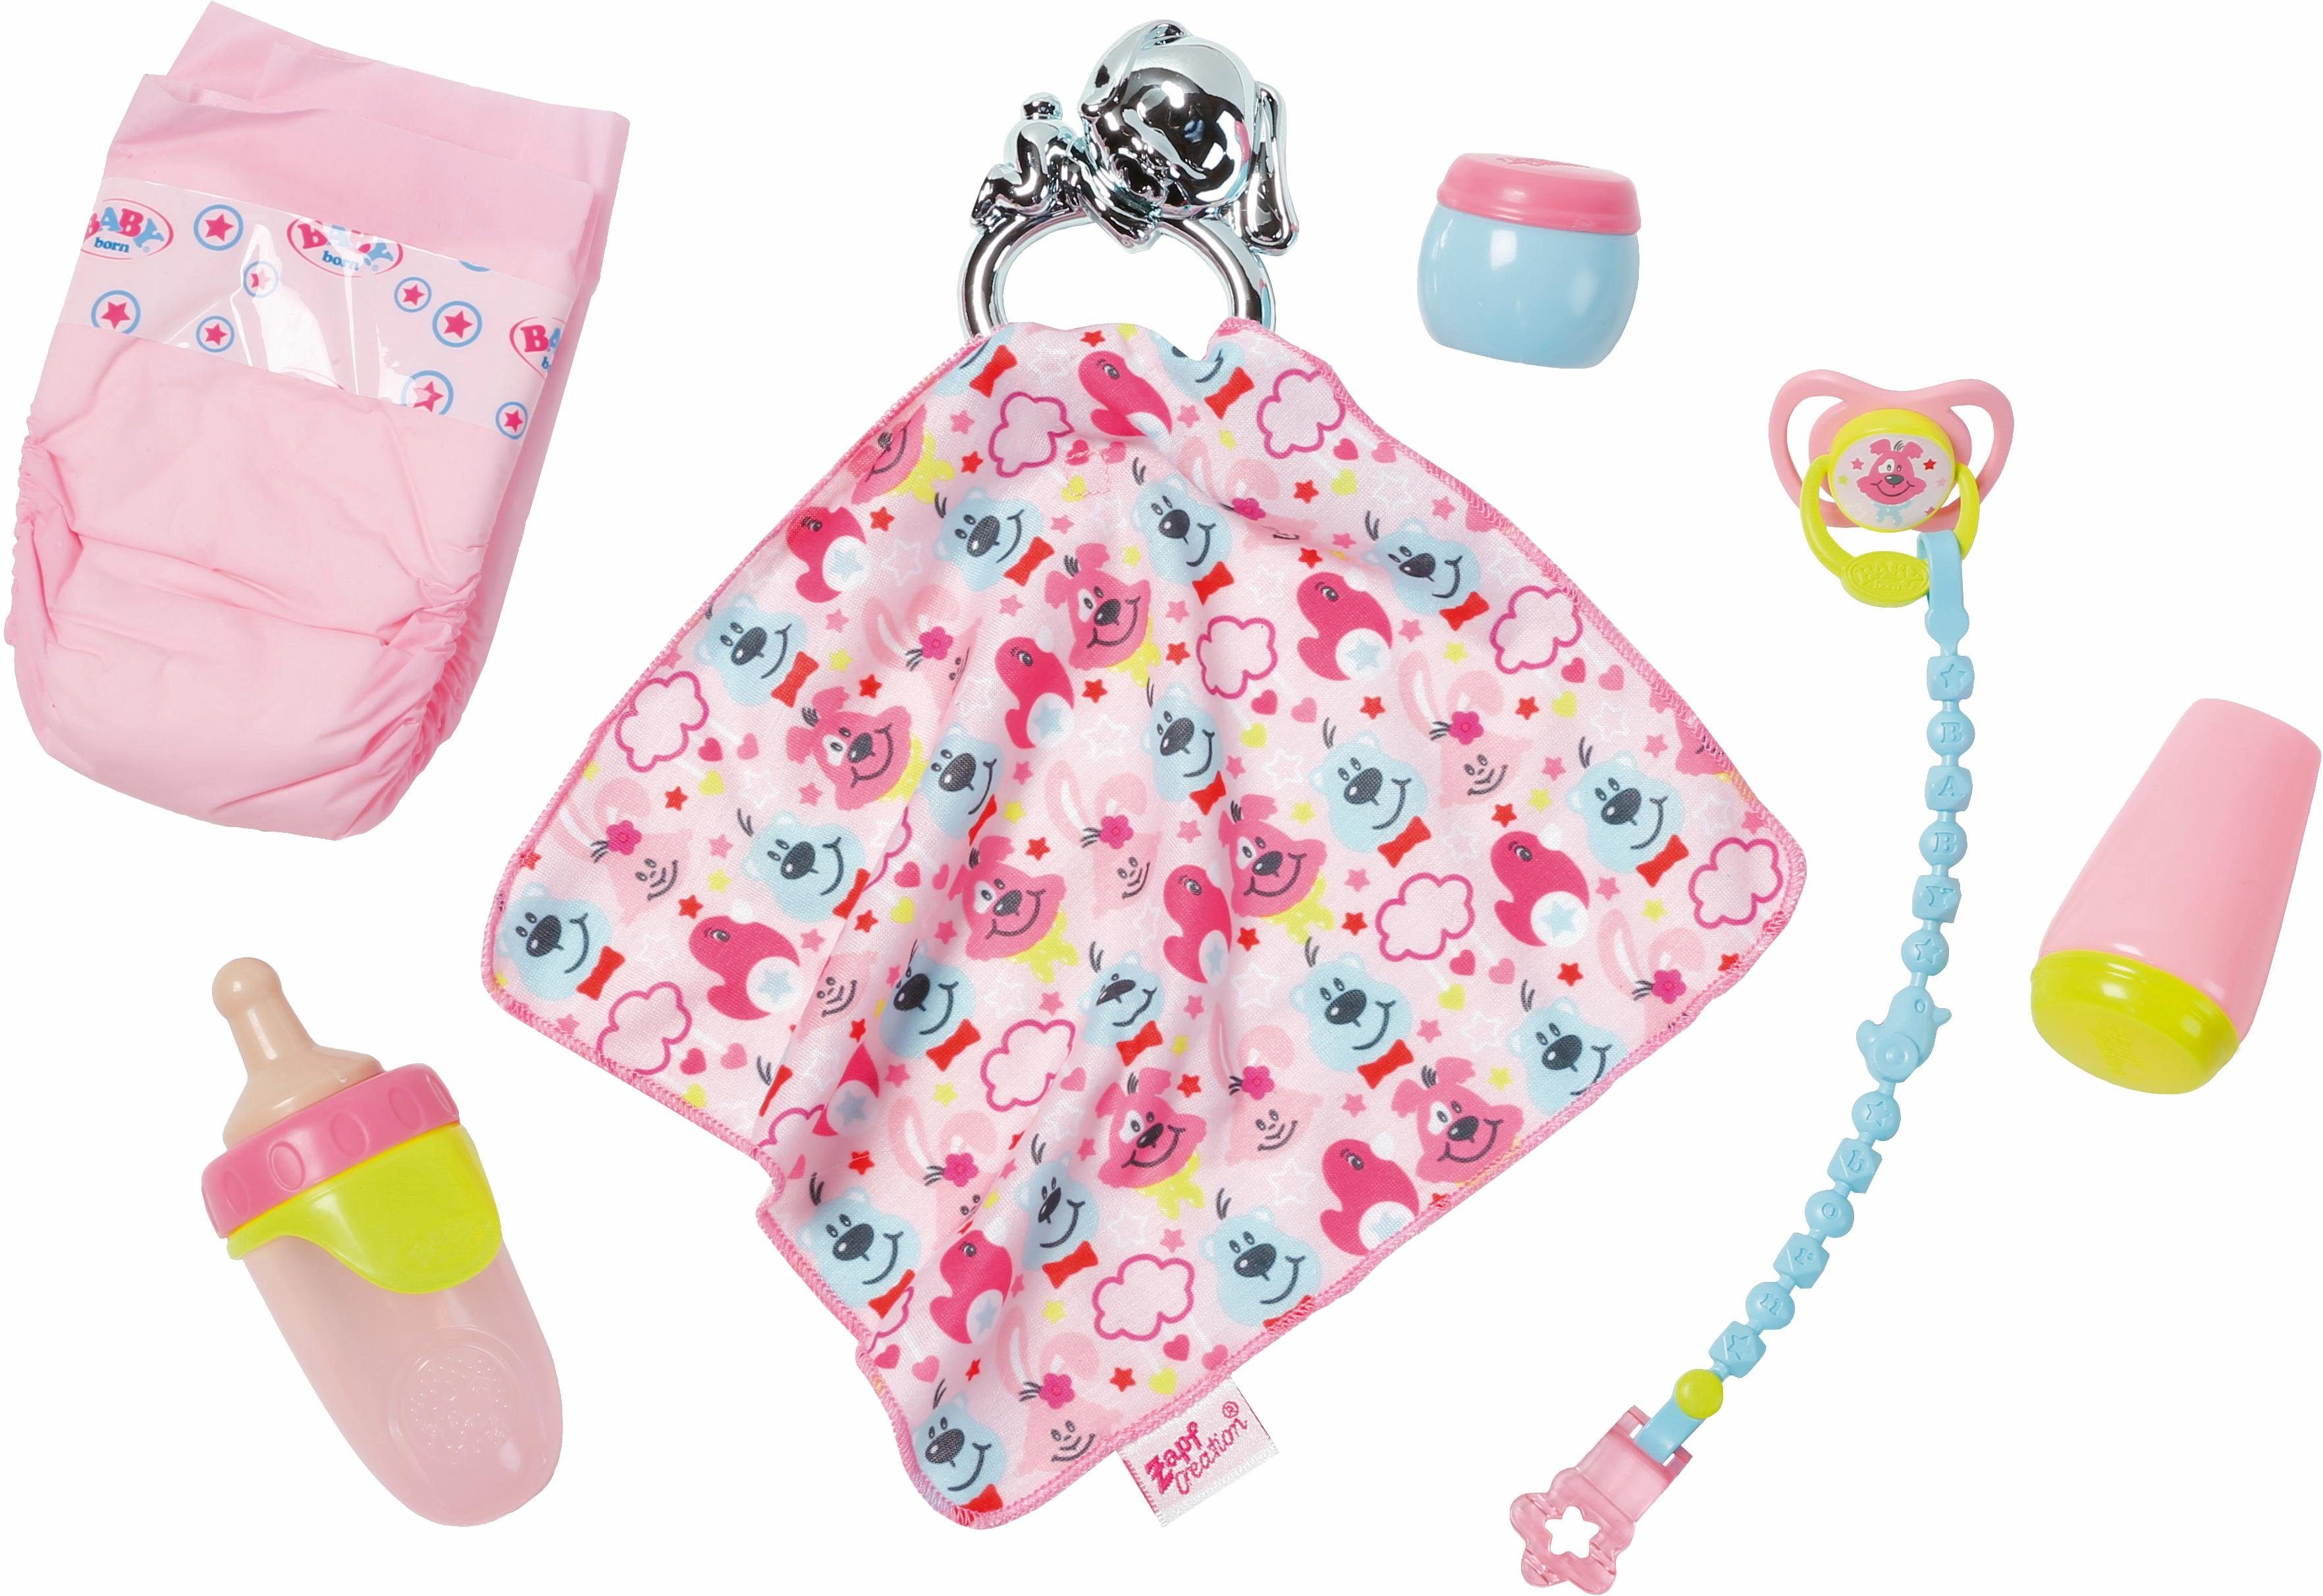 Zapf Creation Puppenzubehör, »BABY born® Accessoires-Set«